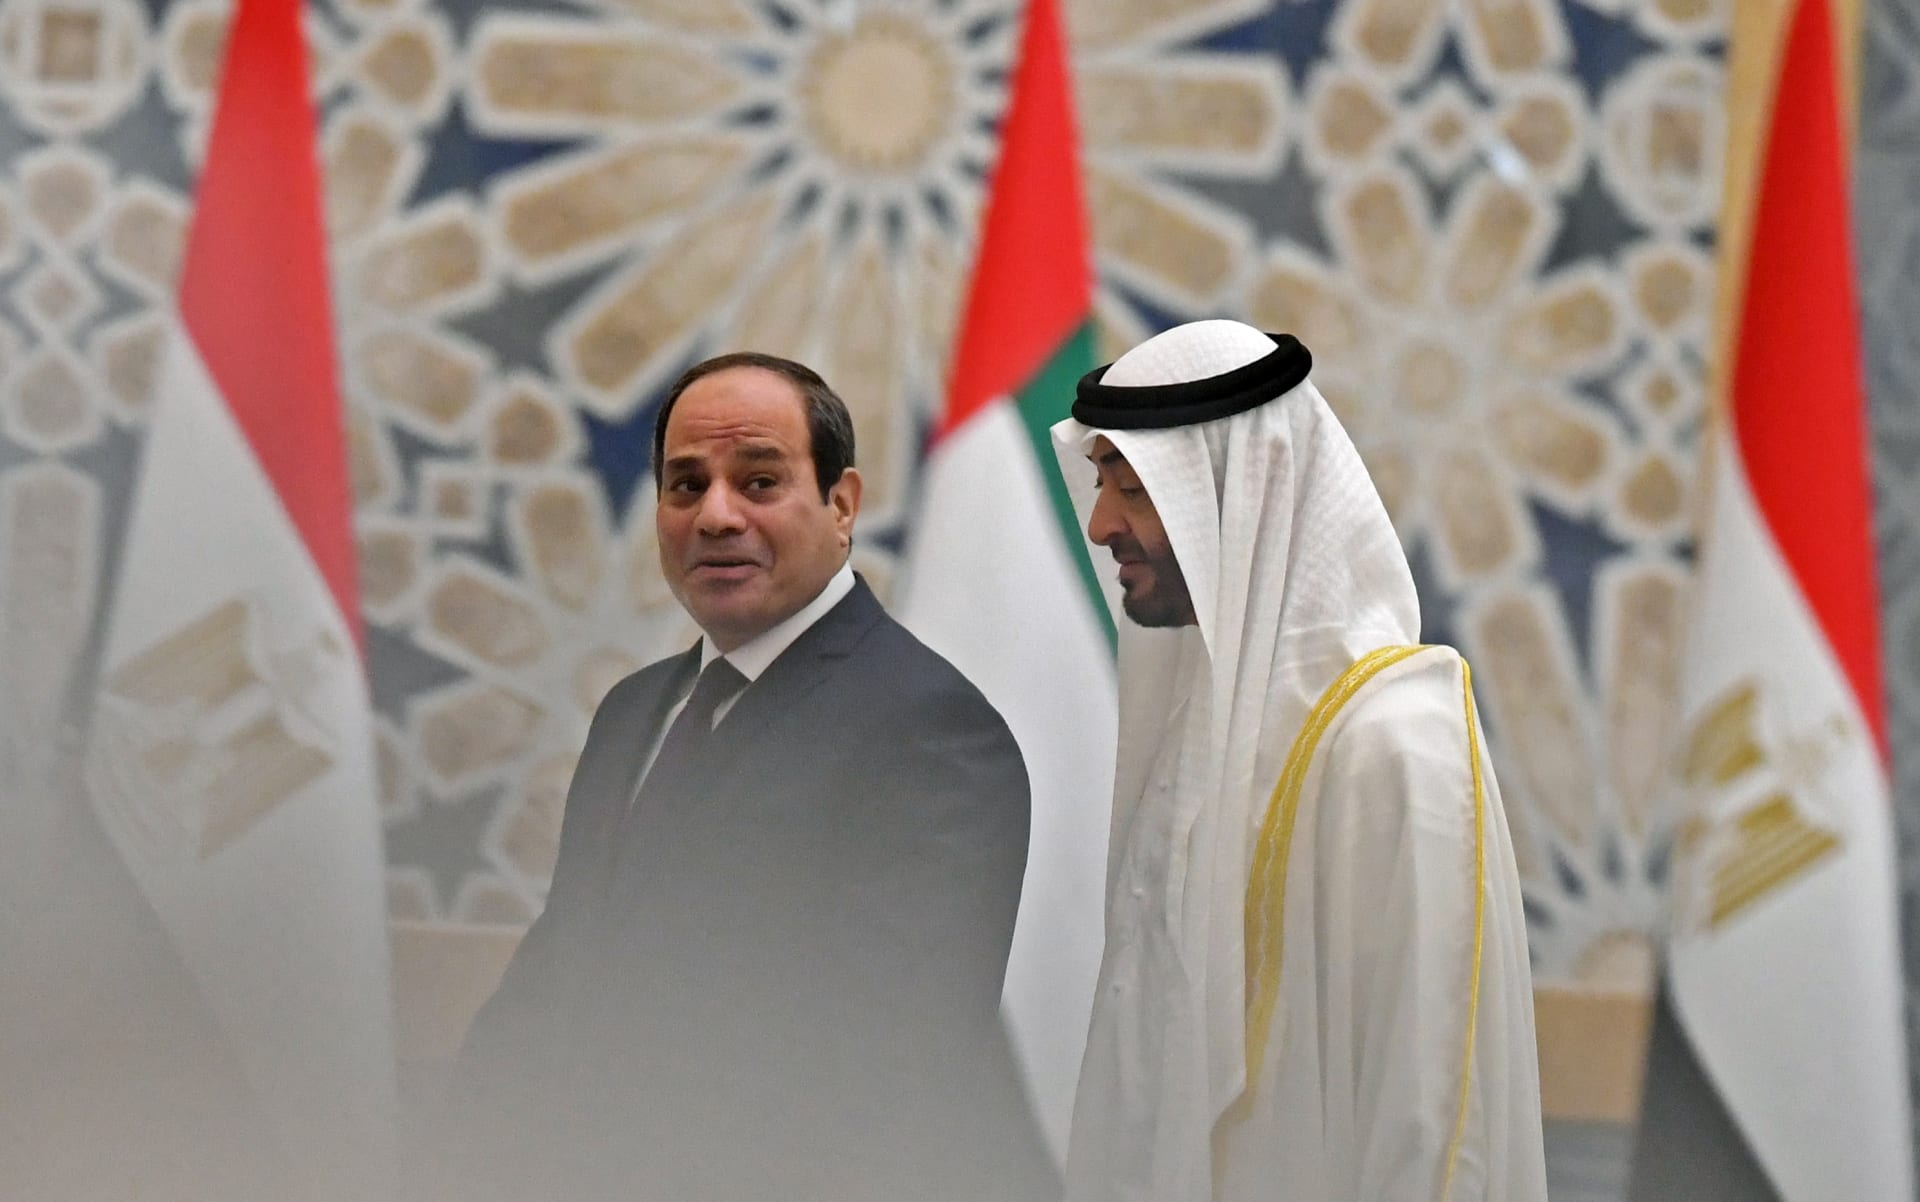 الرئيس المصري عبدالفتاح السيسي والشيخ محمد بن زايد